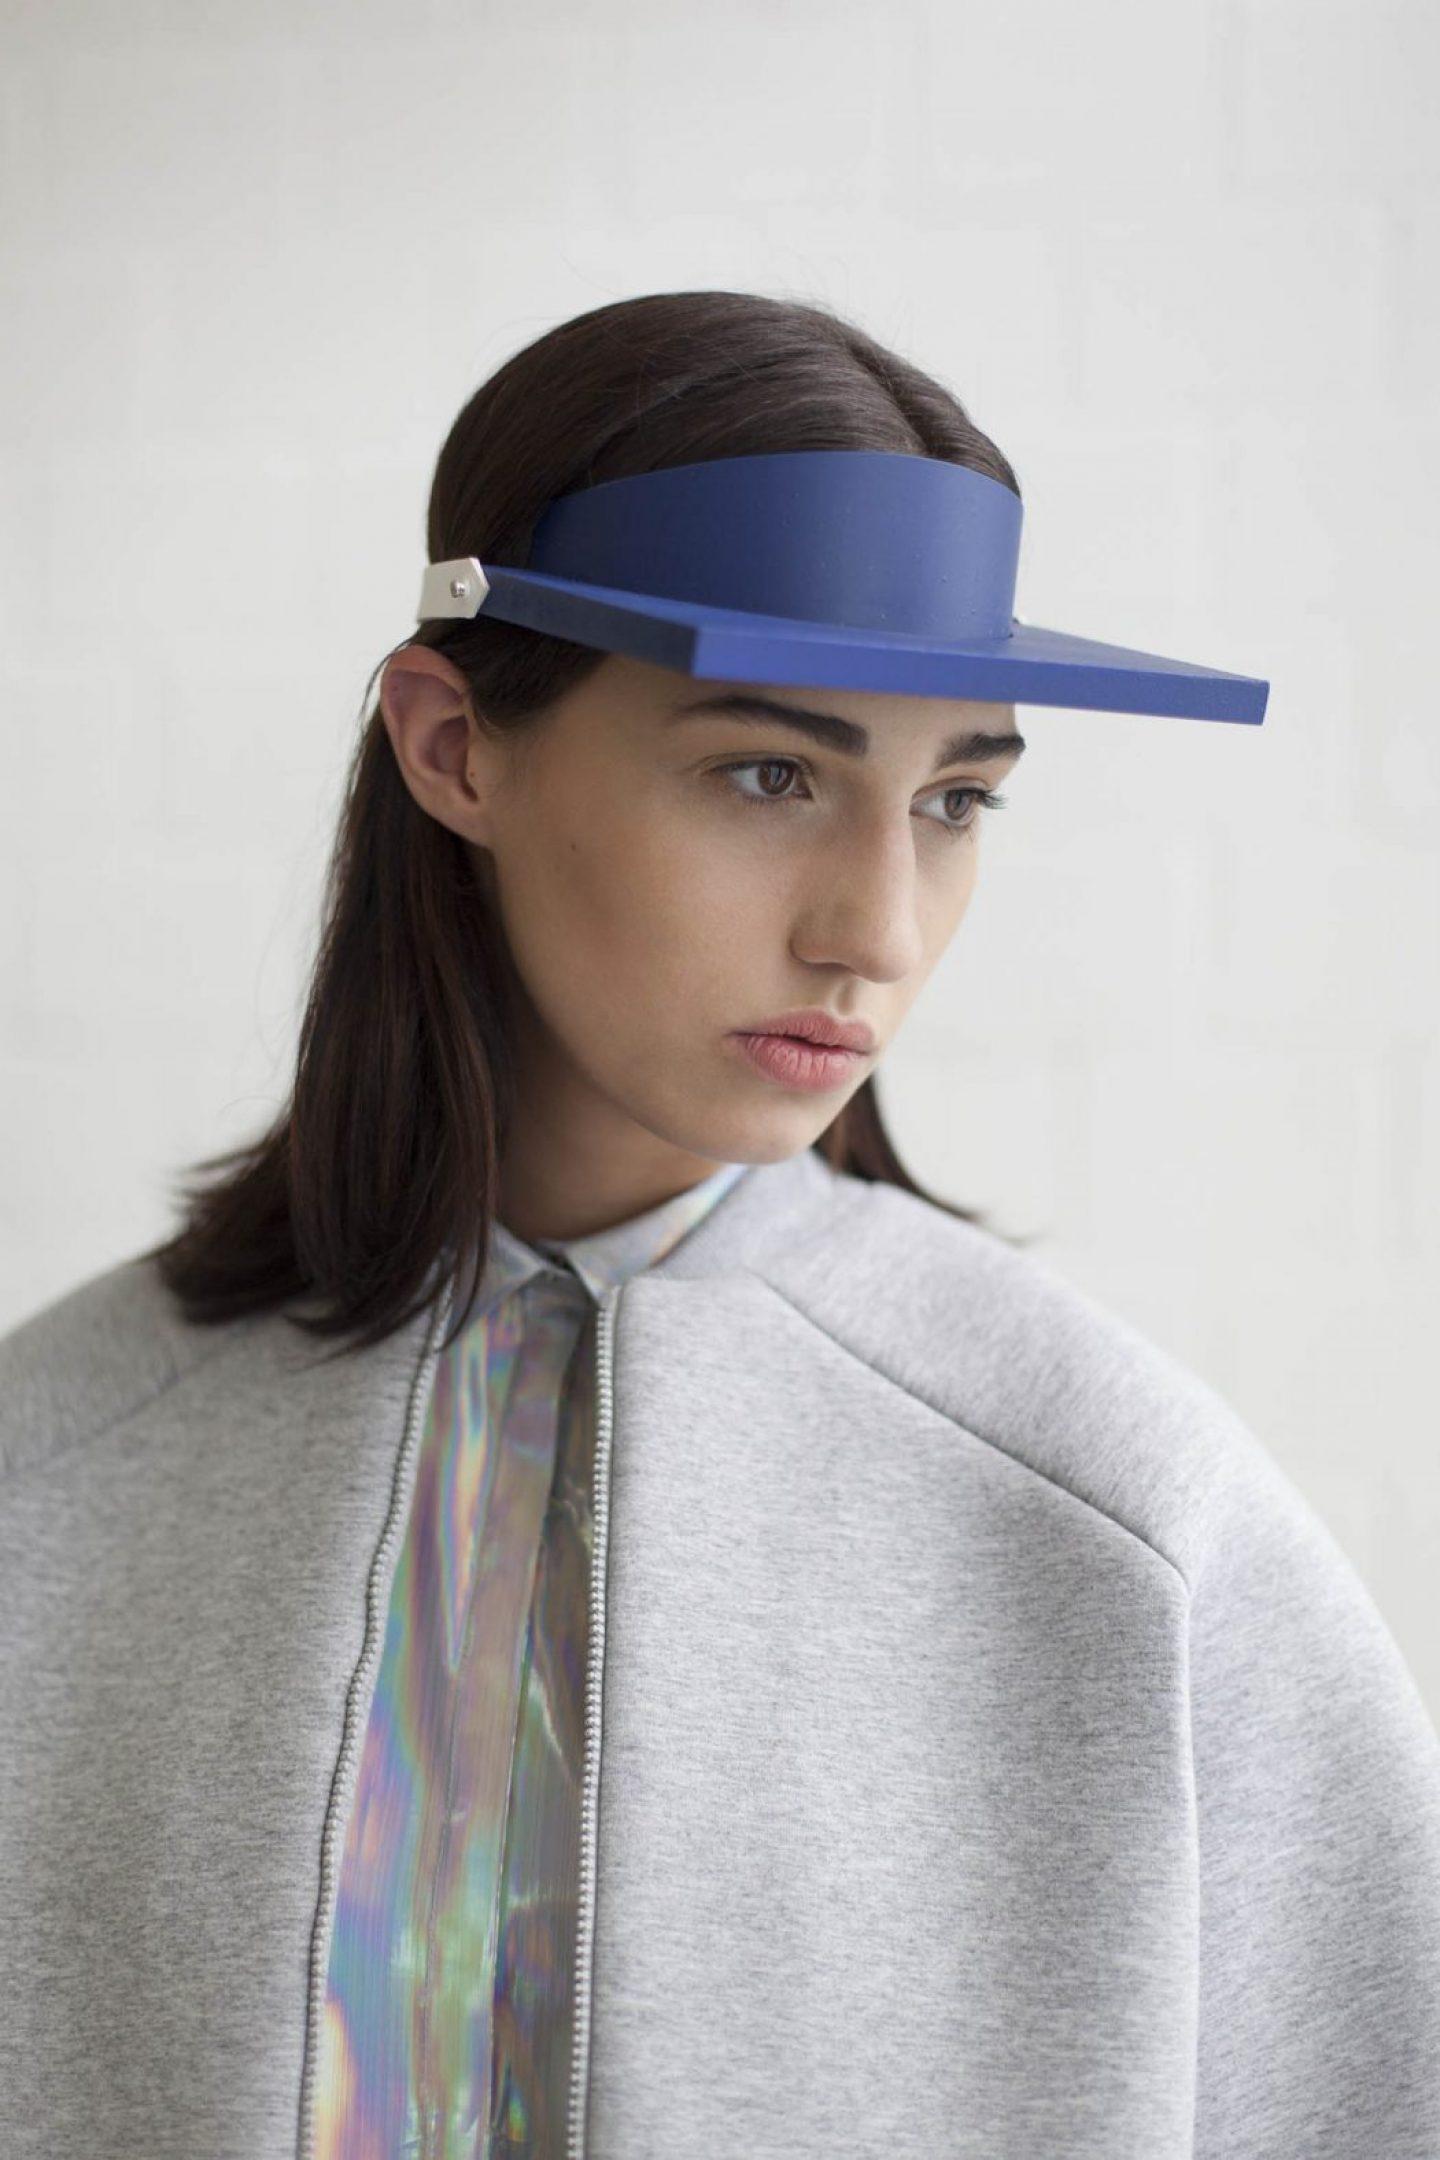 iGNANT_Fashion_Leonie_Barth_Ich_Ist_Ein_Anderer_10